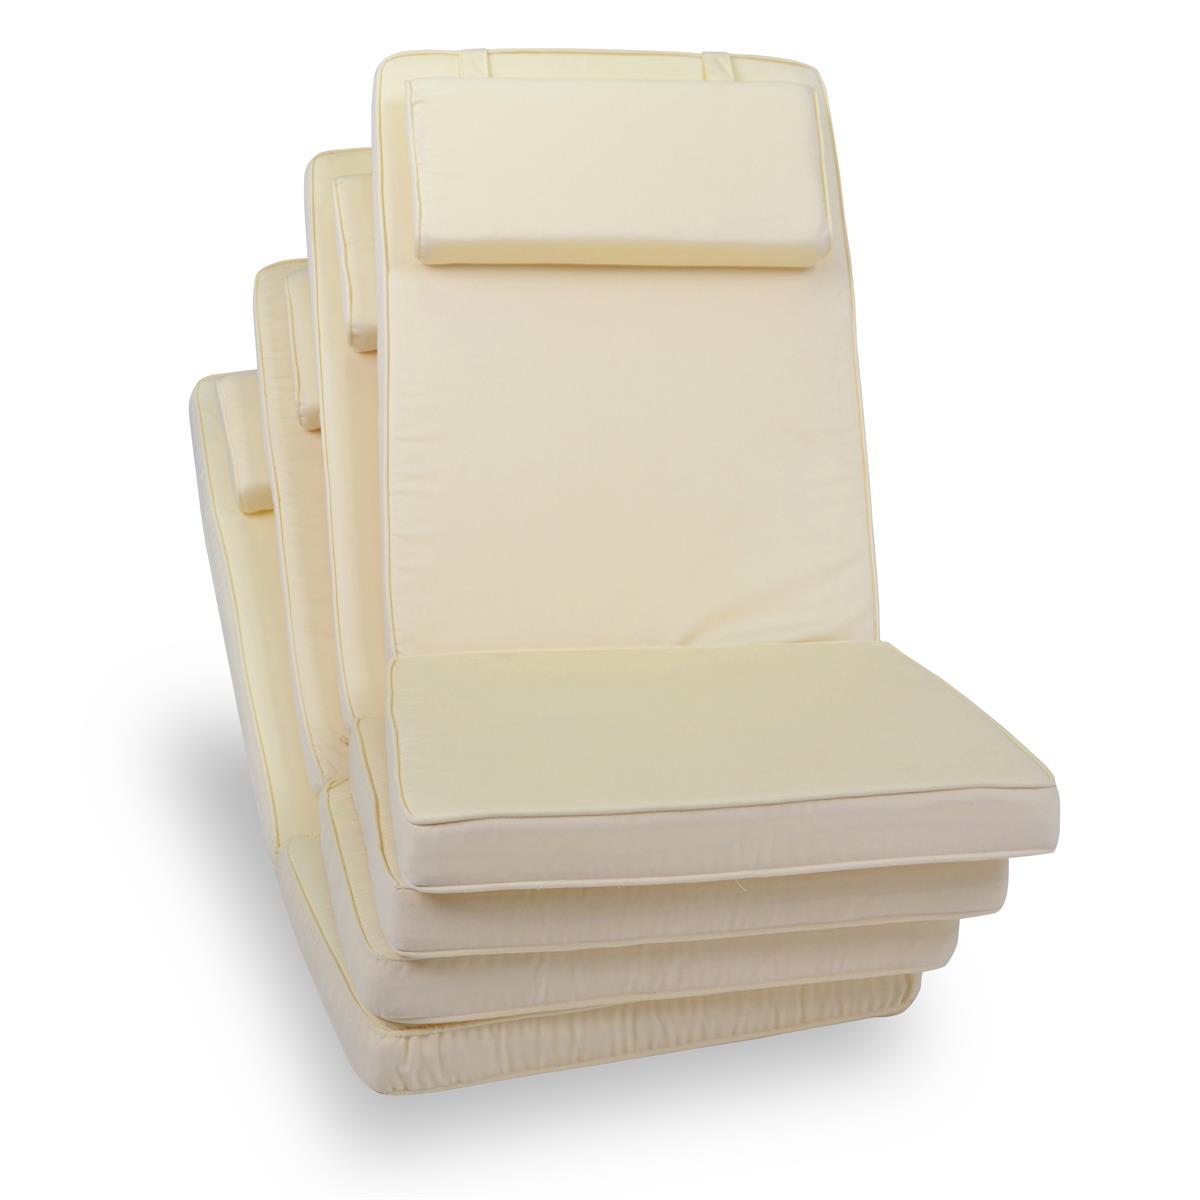 DIVERO 4er Set Sitzauflage Stuhlauflage Auflage Hochlehner Gartenstuhl creme